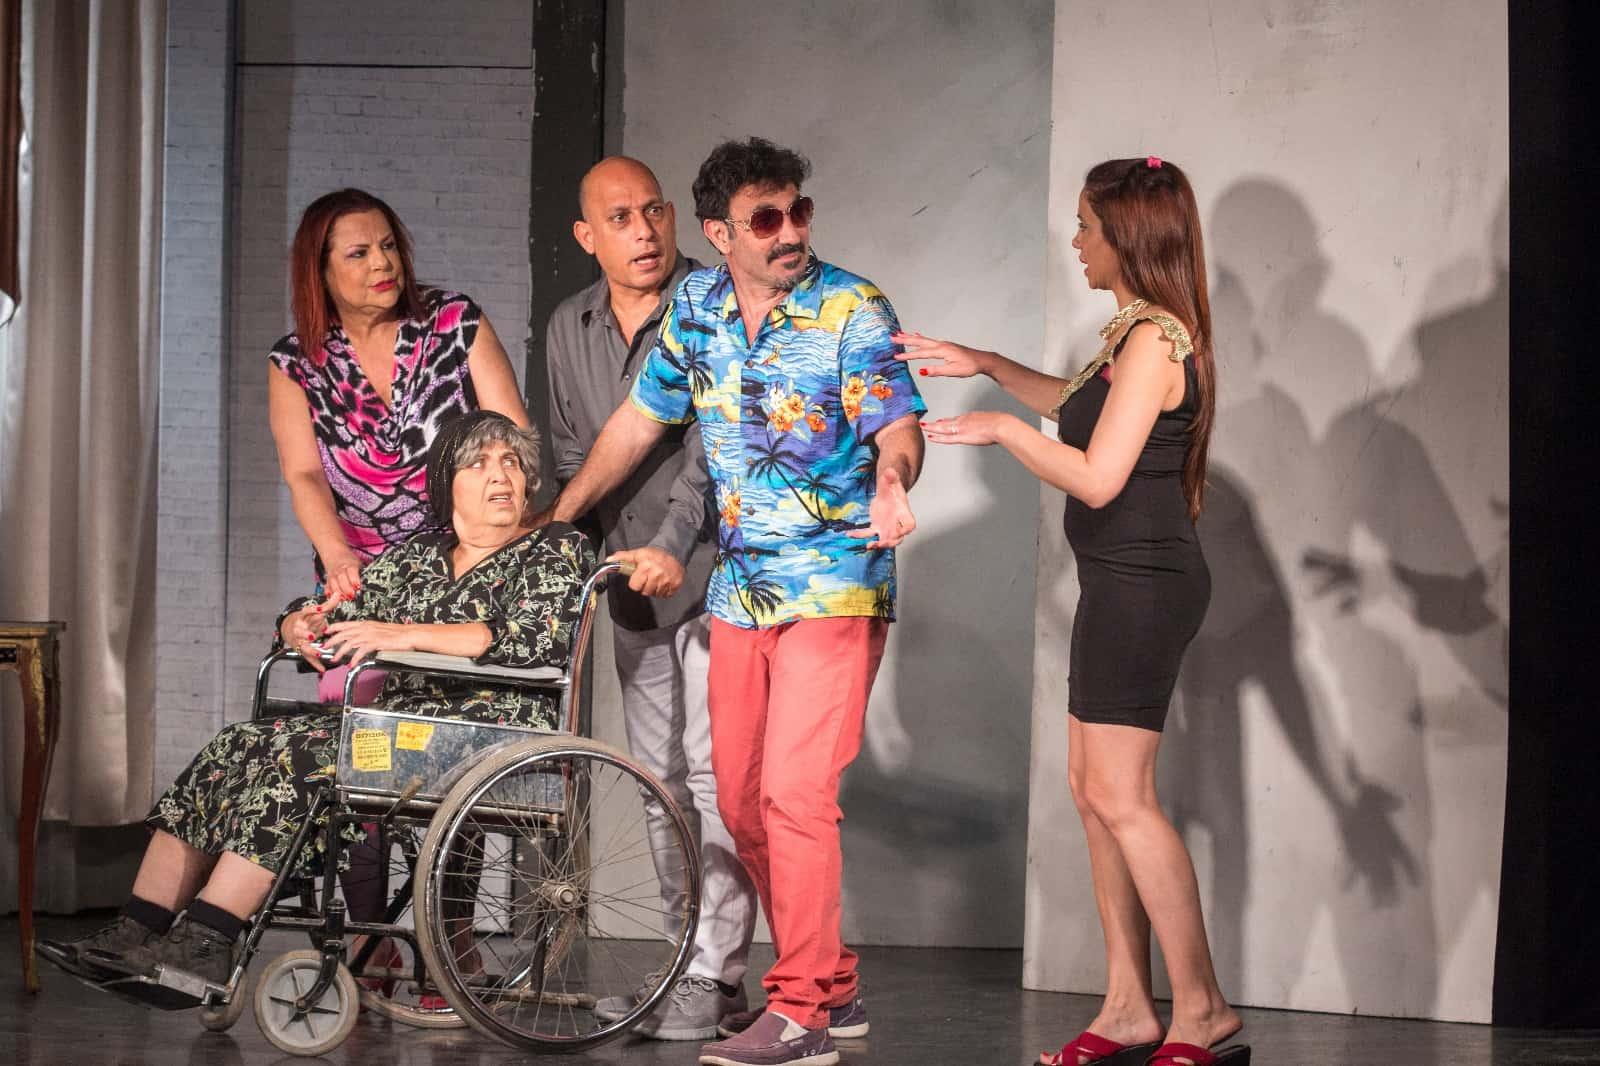 מתוך ההצגה הדודה של מנש, צילום: באדיבות תיאטרון בימתיים